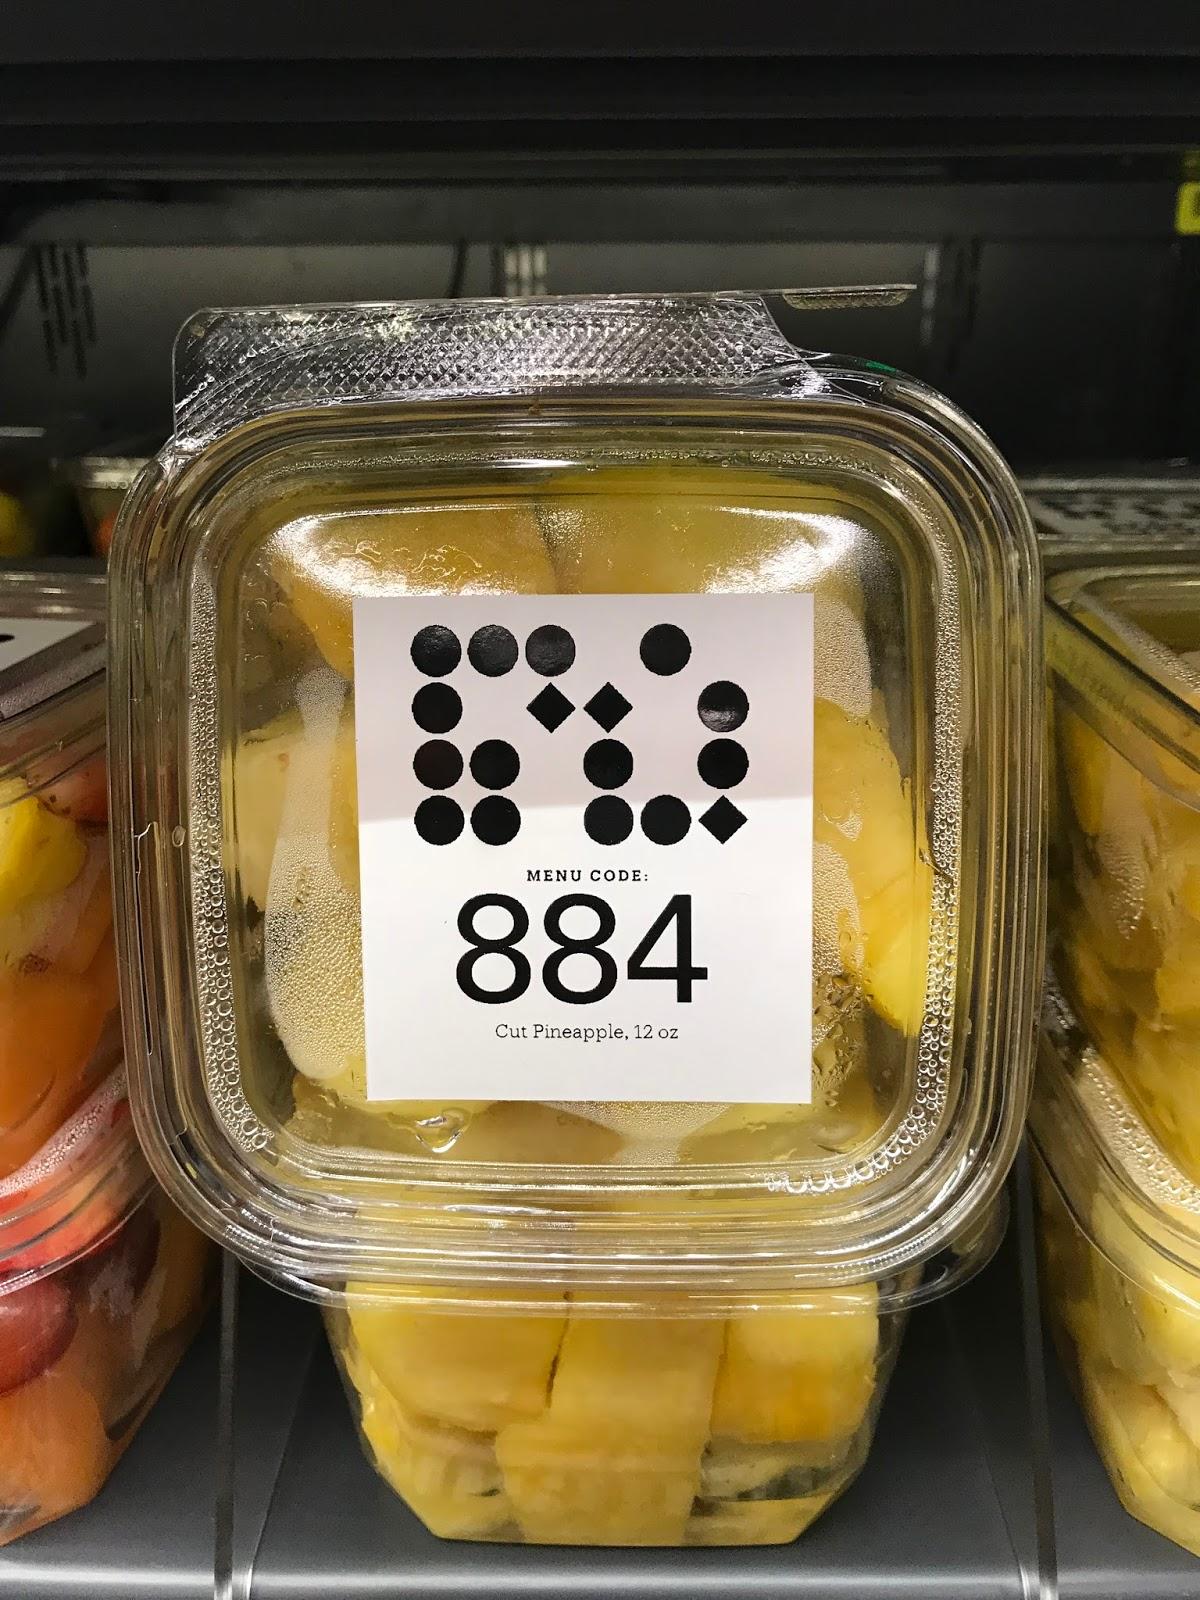 Smart retail codice prodotto